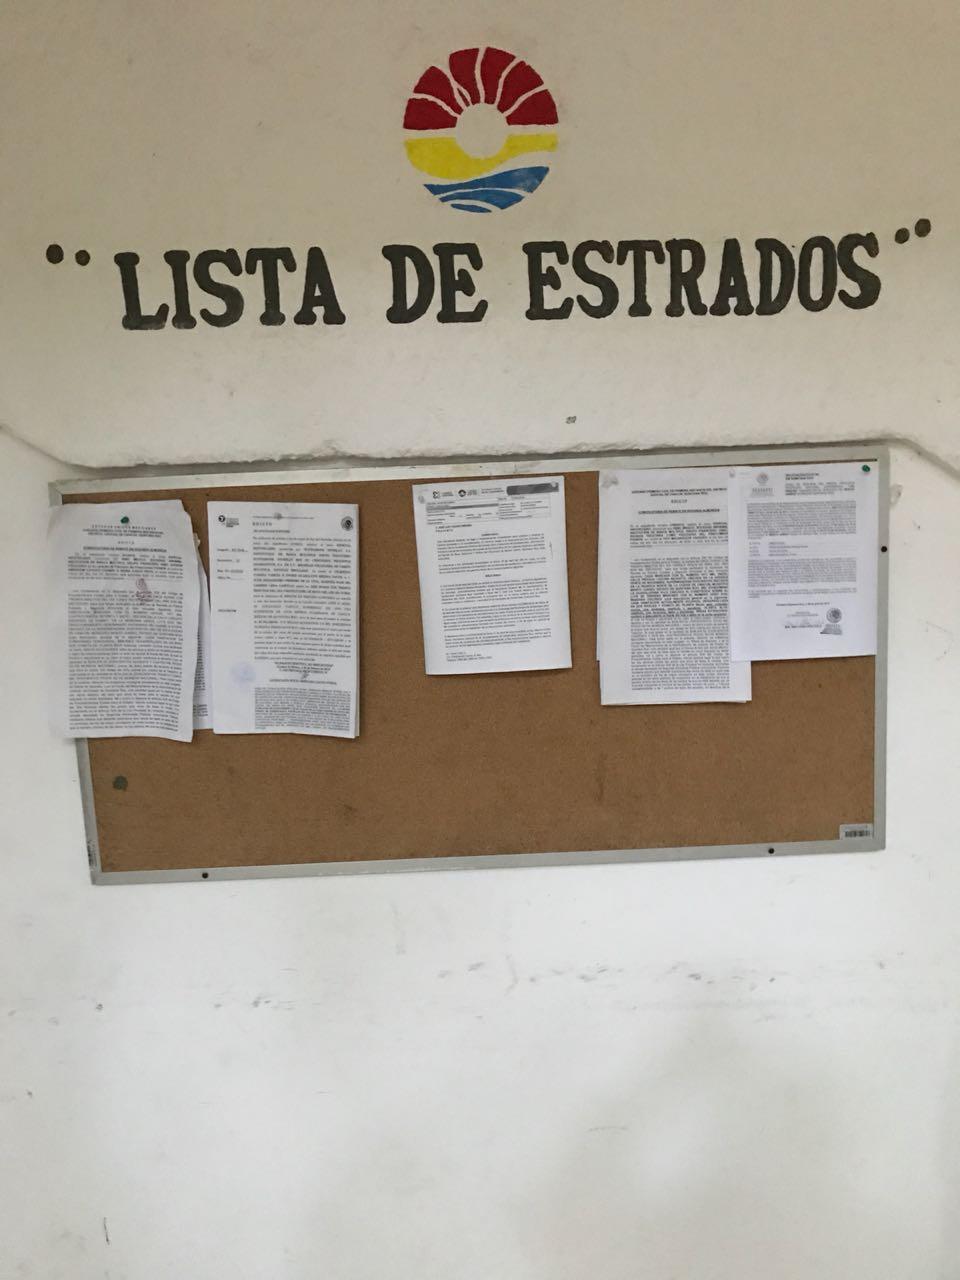 QUE AÚN LE FALTAN TRES: Da Ayuntamiento 'Verde' de Cancún cartas de residencia y vecindad a 'Chanito' Toledo por sólo dos años